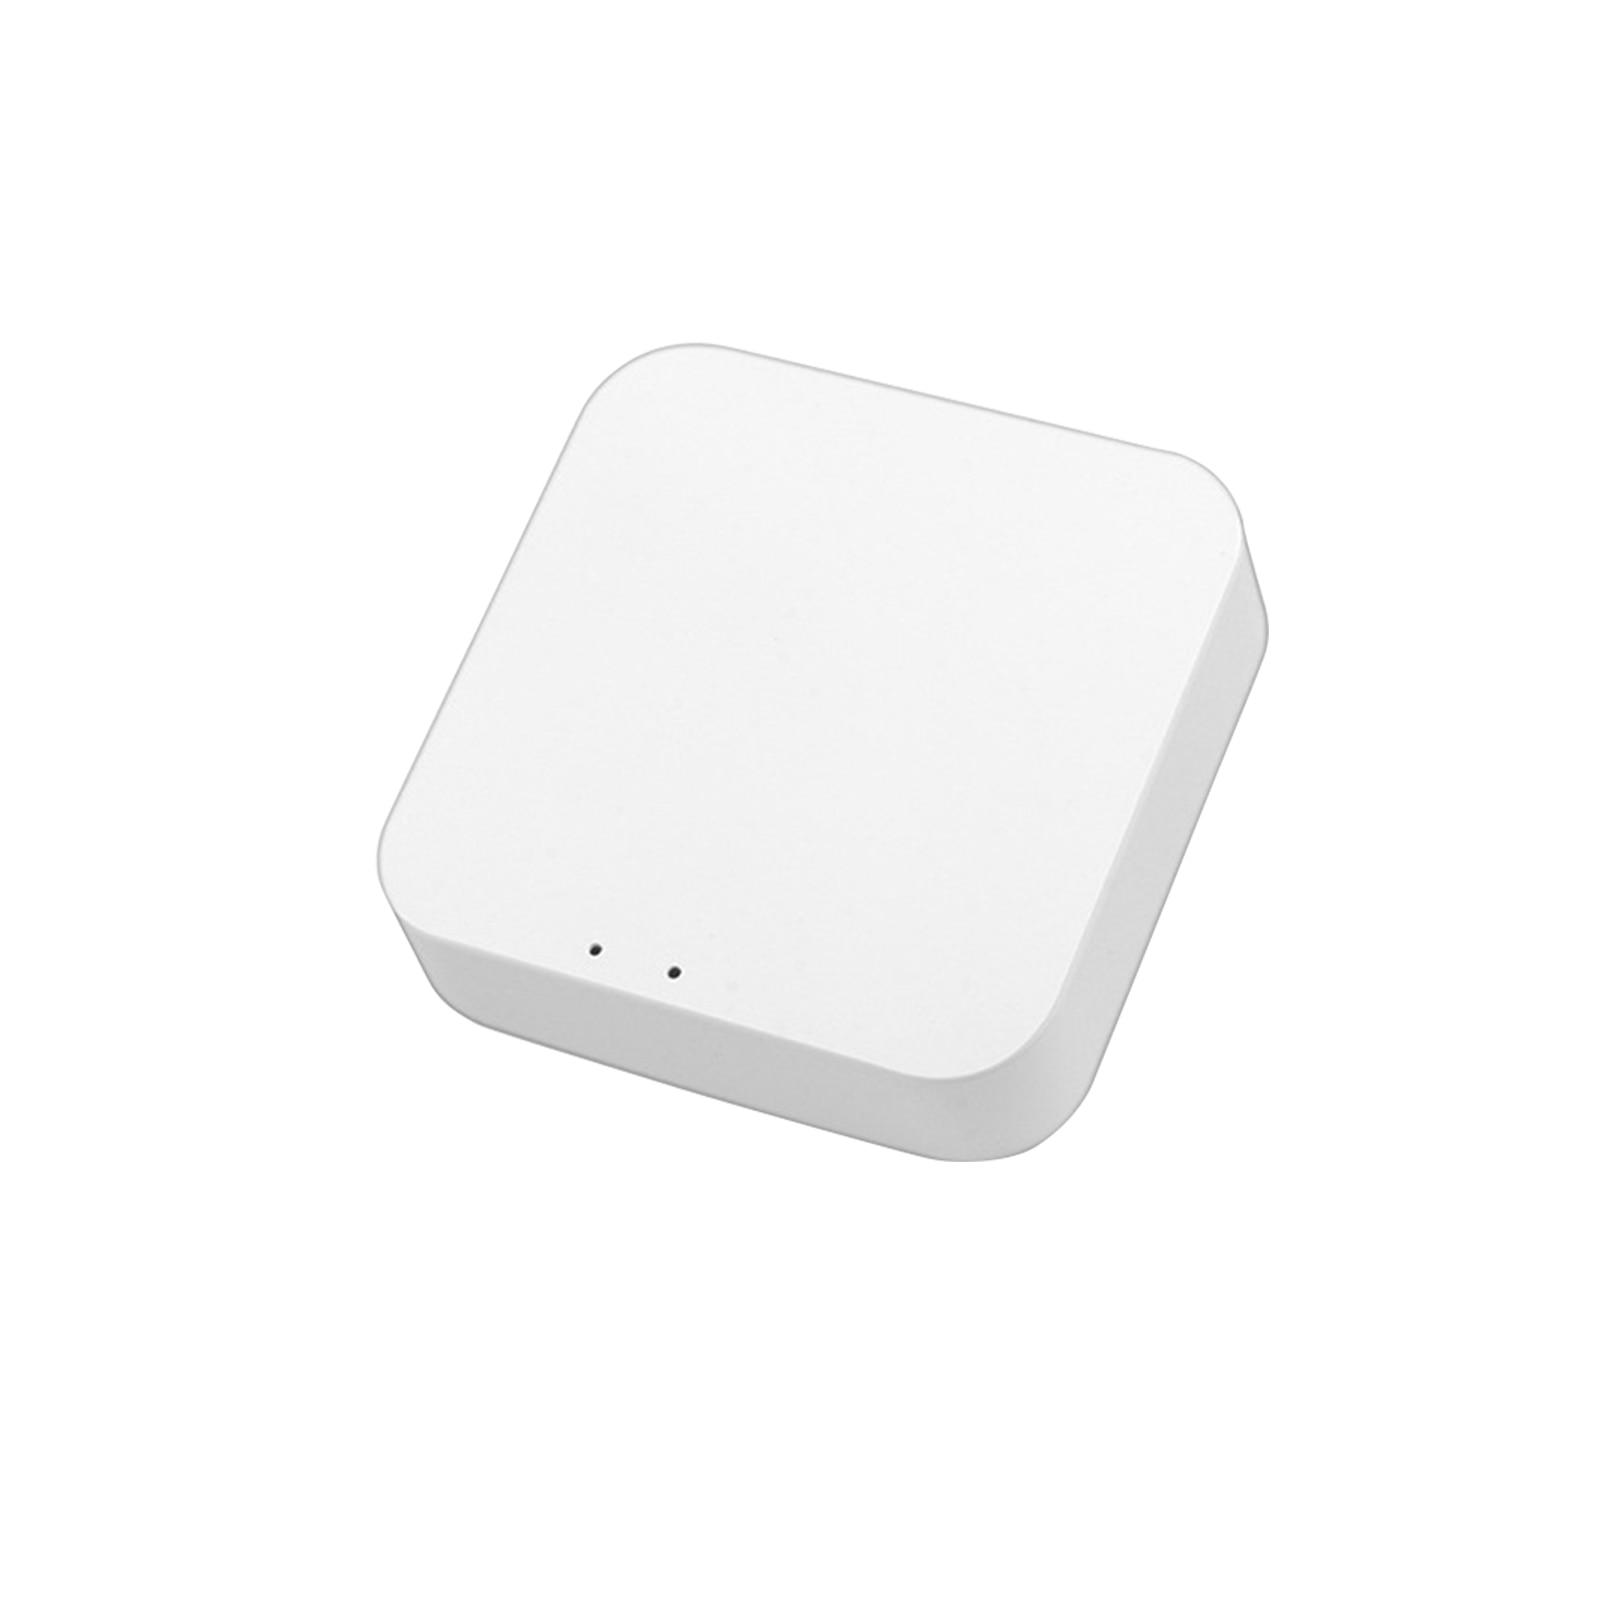 زيجبي 3.0 دائم بوابة لاسلكية APP جسر سهلة التركيب مركز التحكم ABS USB صغير 2.4G واي فاي المنزل الذكي المحمولة محور